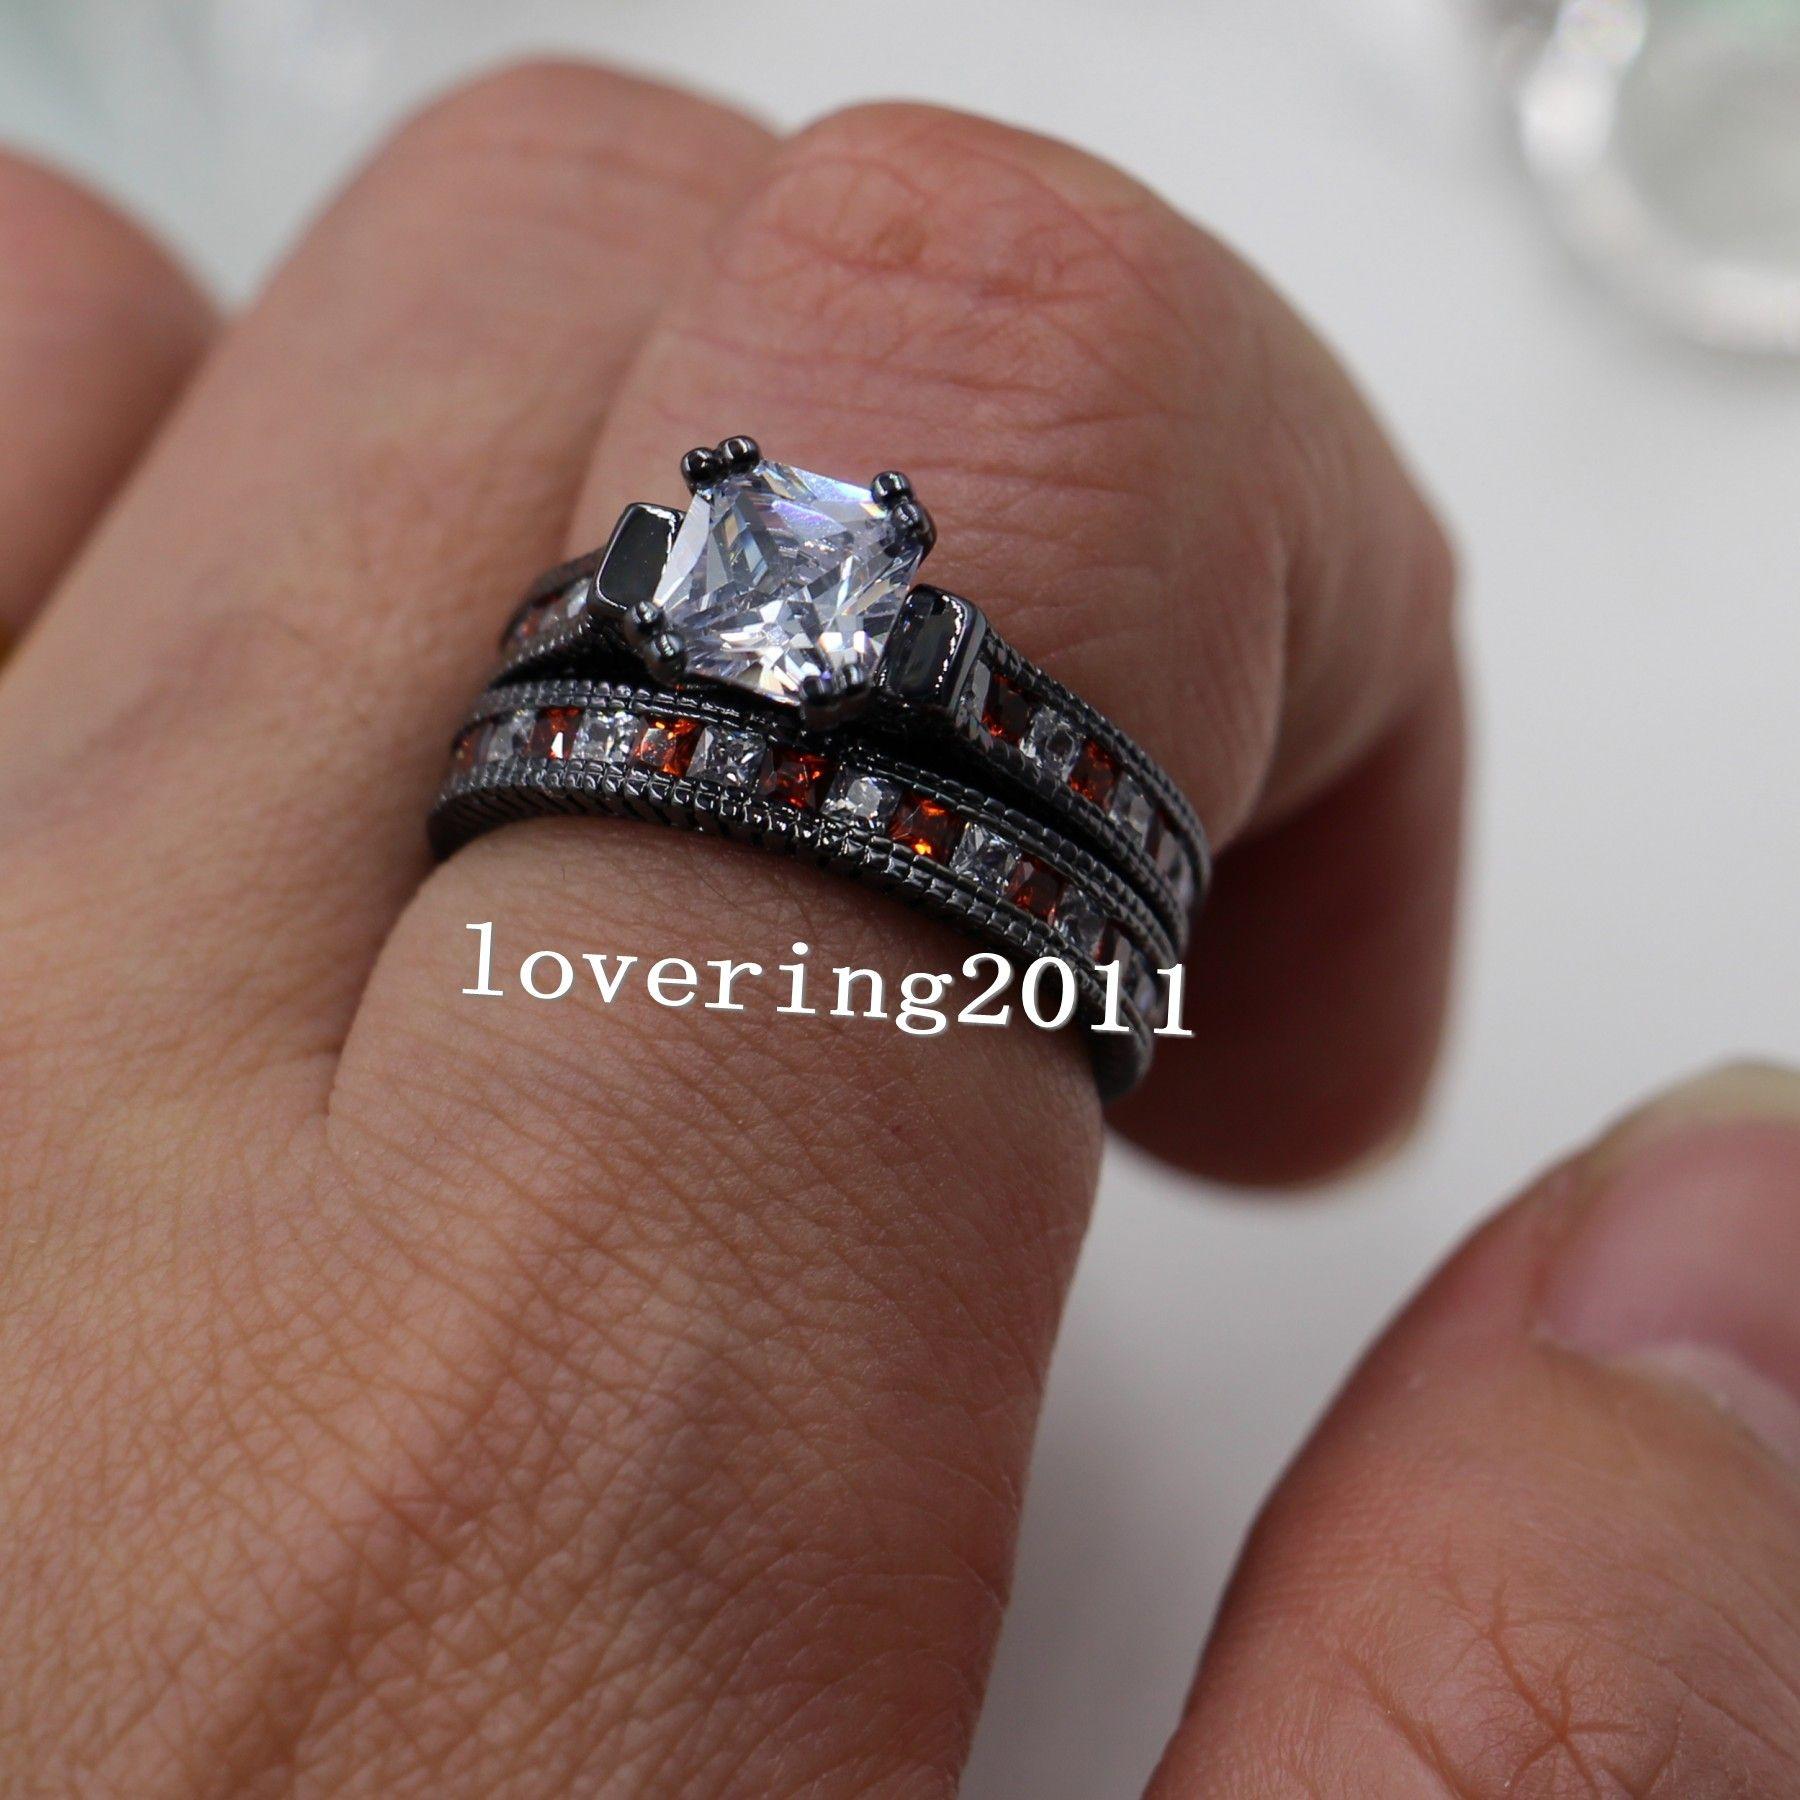 Größe 5-11 retro modeschmuck 14kt schwarz gold gefüllt roter granat multi stein cz simuliert diamant frauen hochzeit verlobungsring set geschenk